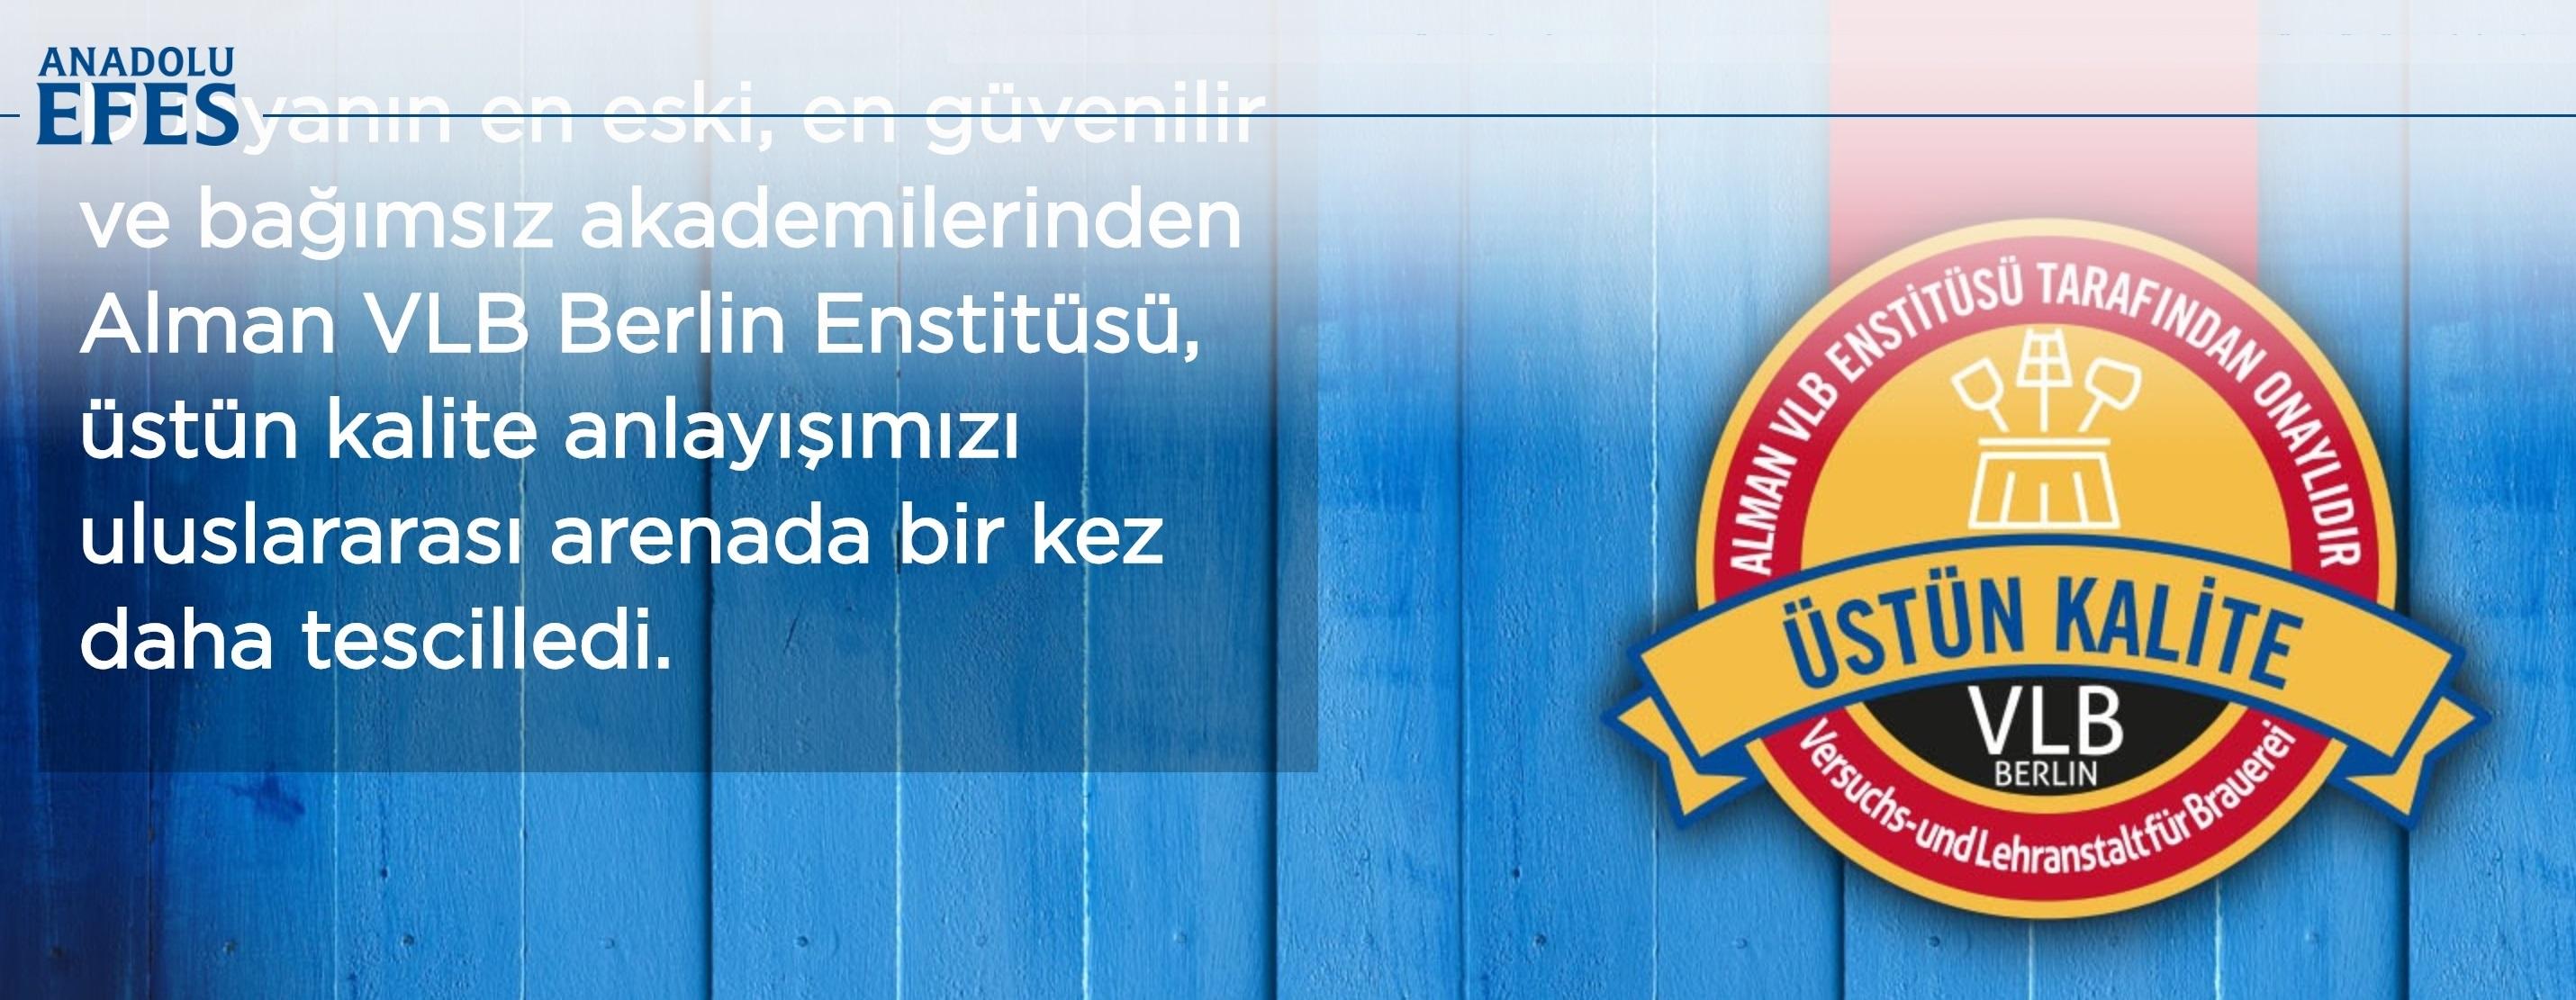 Efes Haber